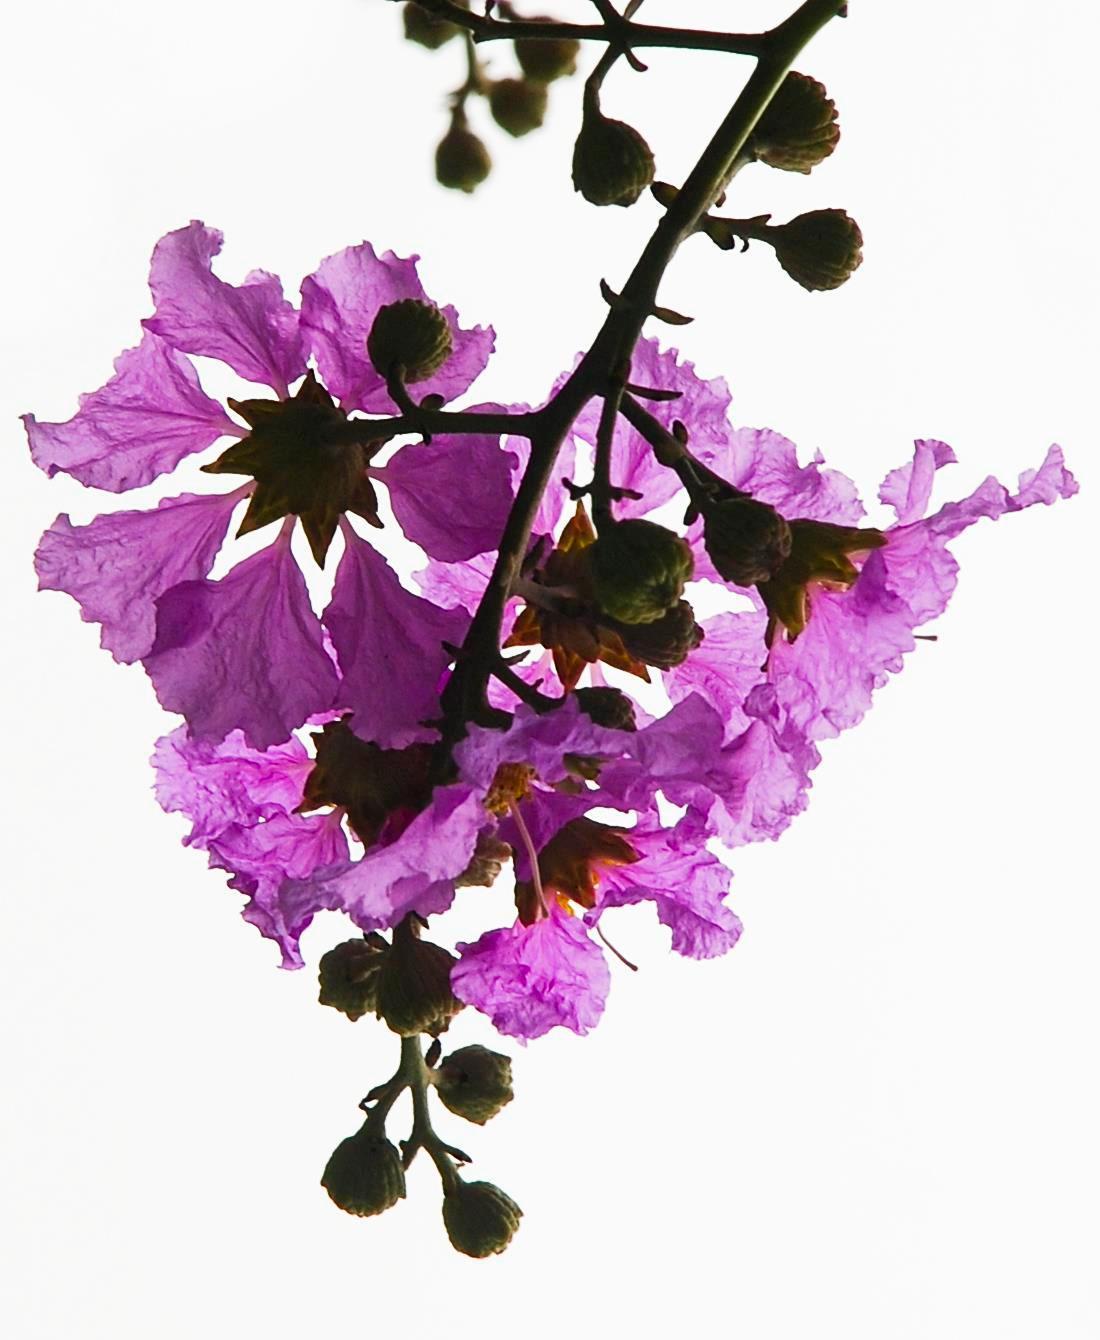 Hà Nội rực rỡ trong những sắc hoa mùa hè Ảnh 4